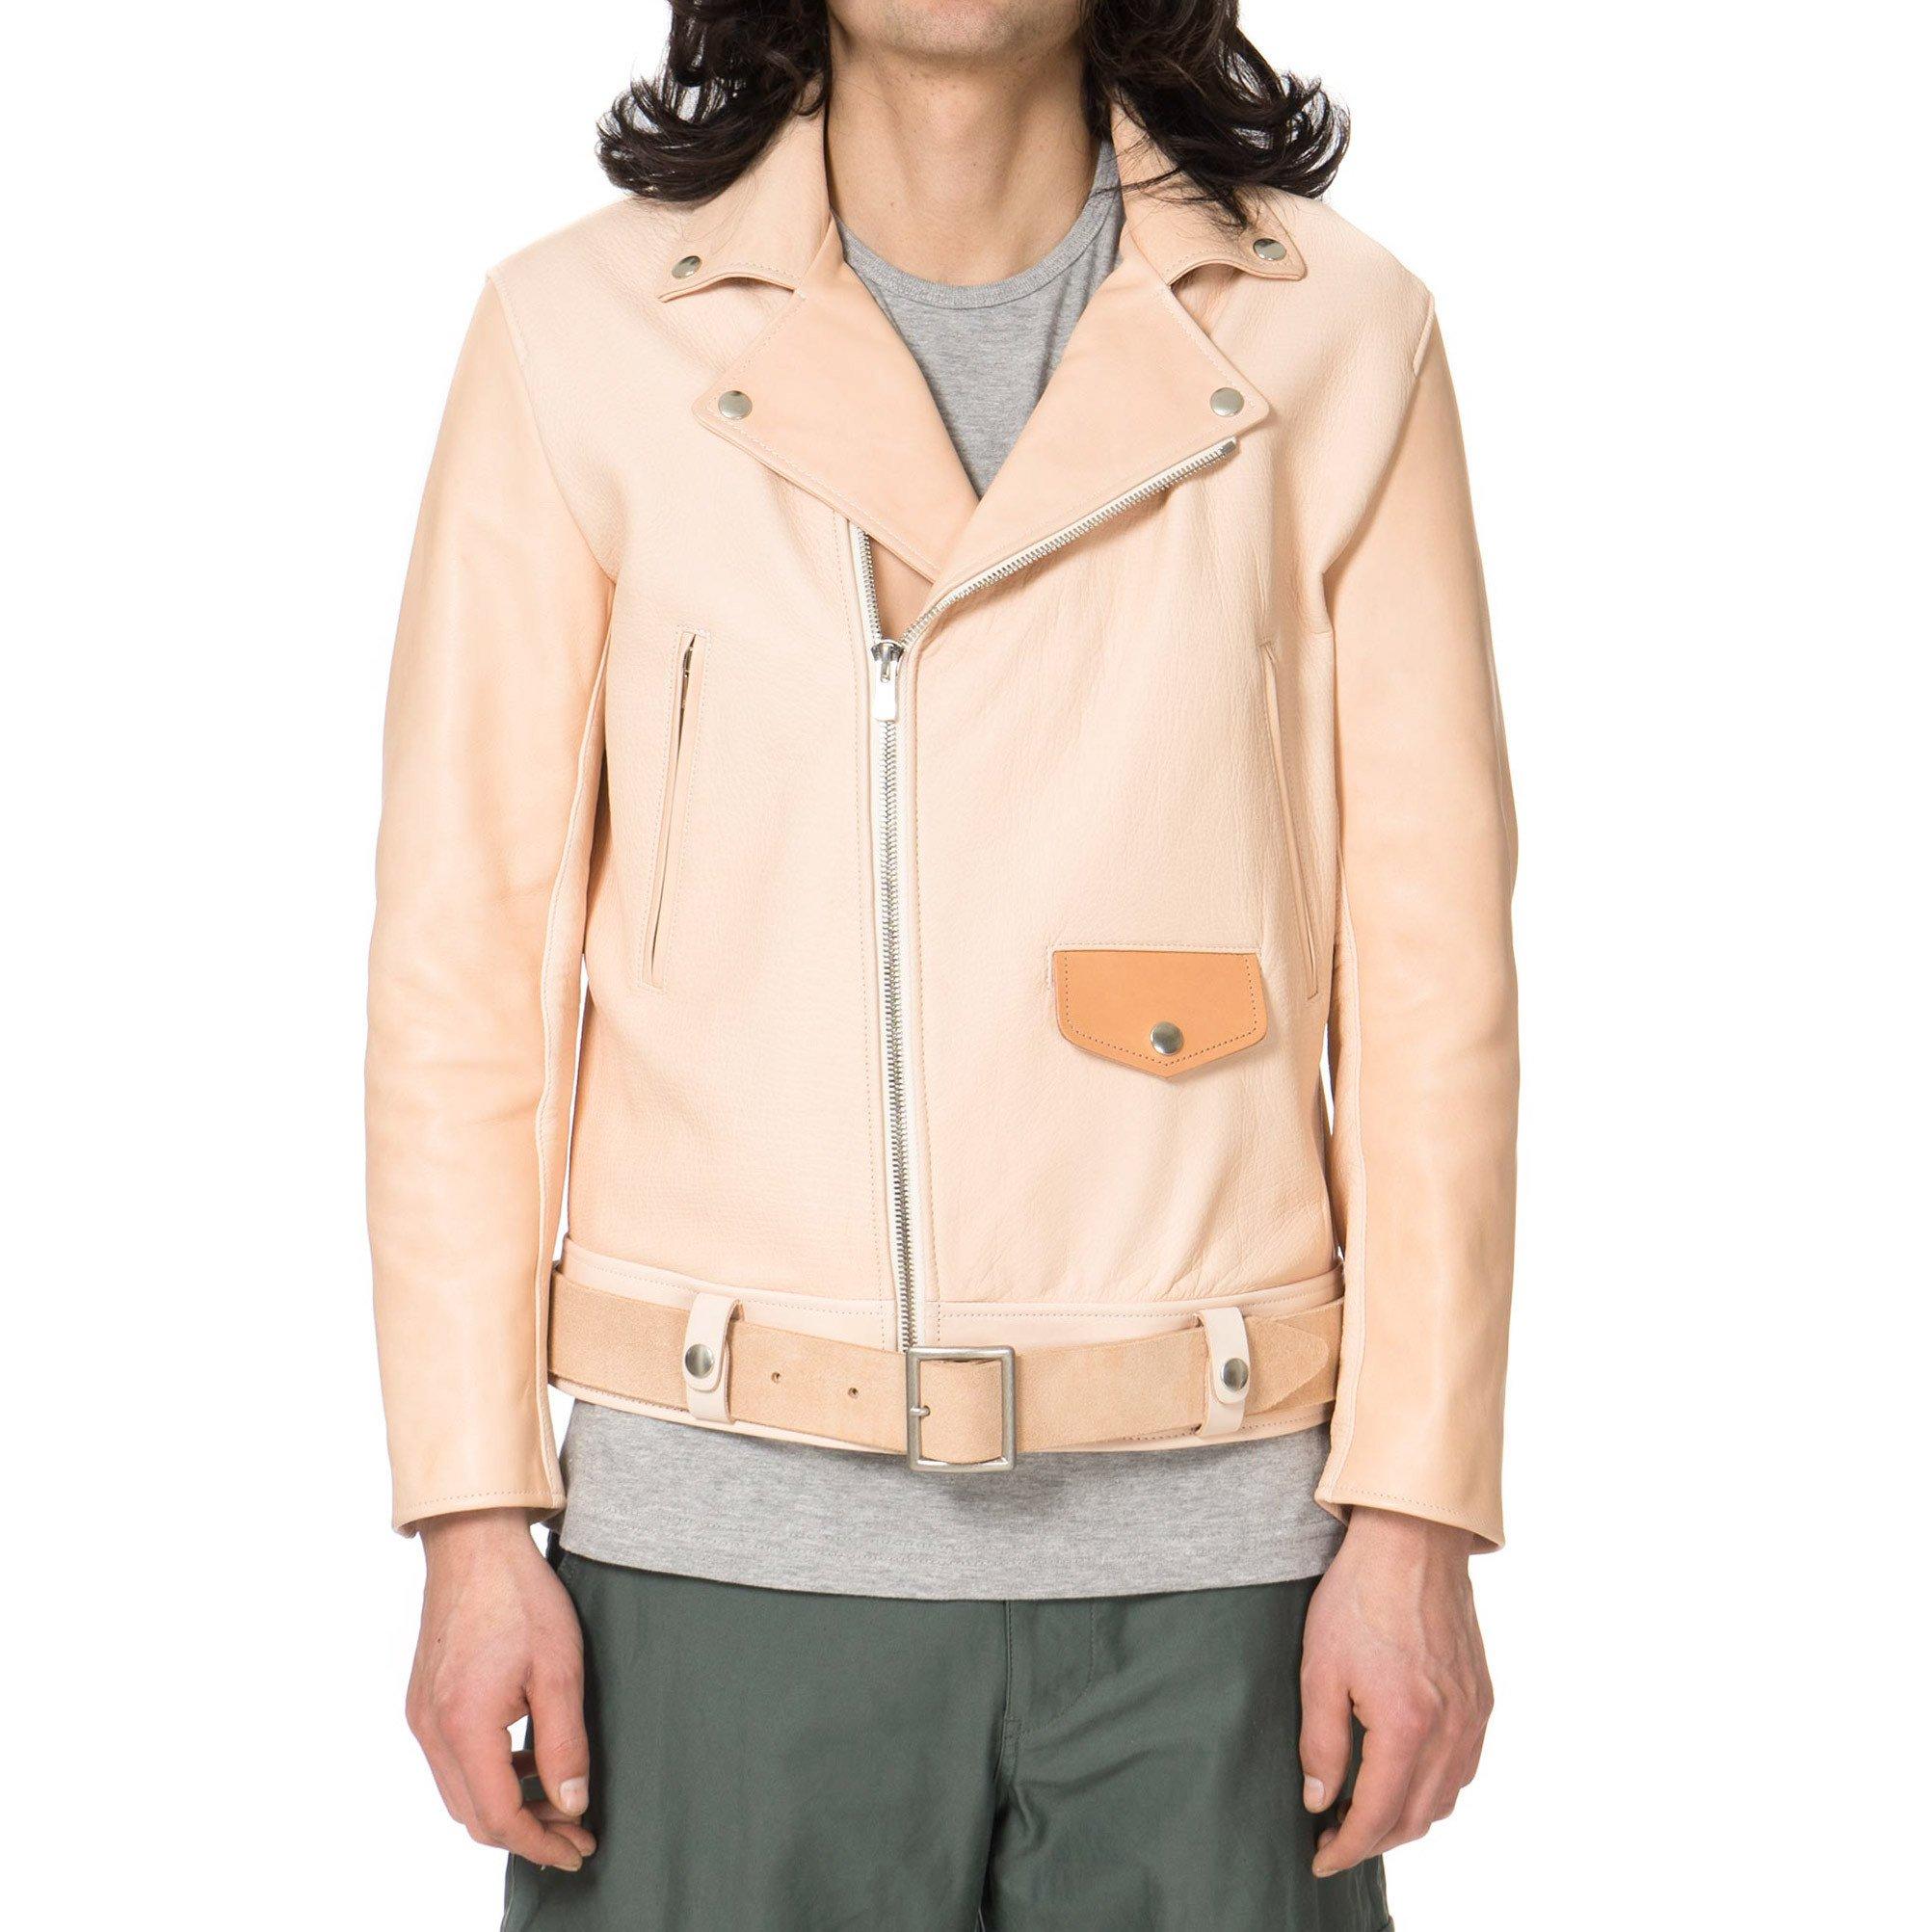 Hender-Scheme-Leather-Jacket-NATURAL-4_2048x2048